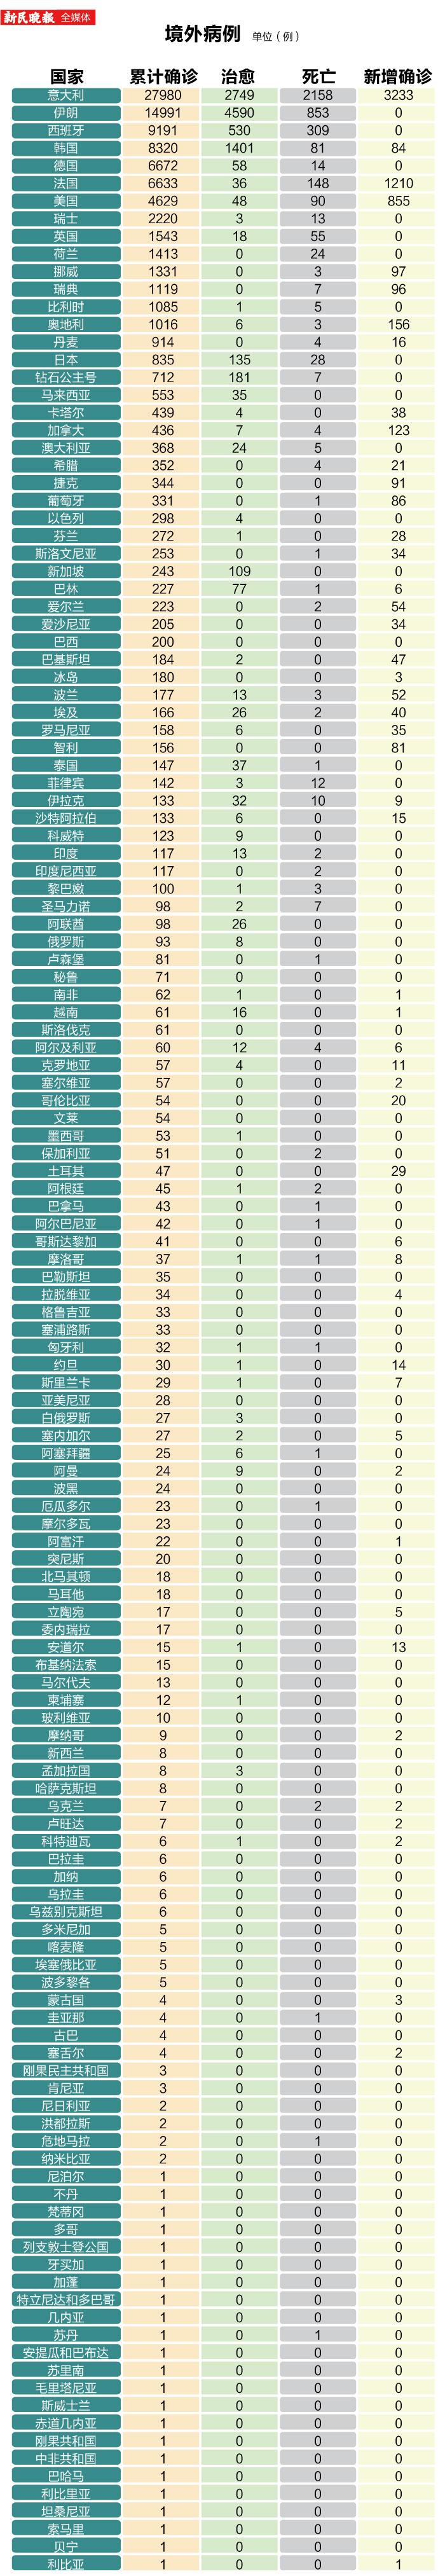 【图数据】新型冠状病毒感染的肺炎境外病例详情